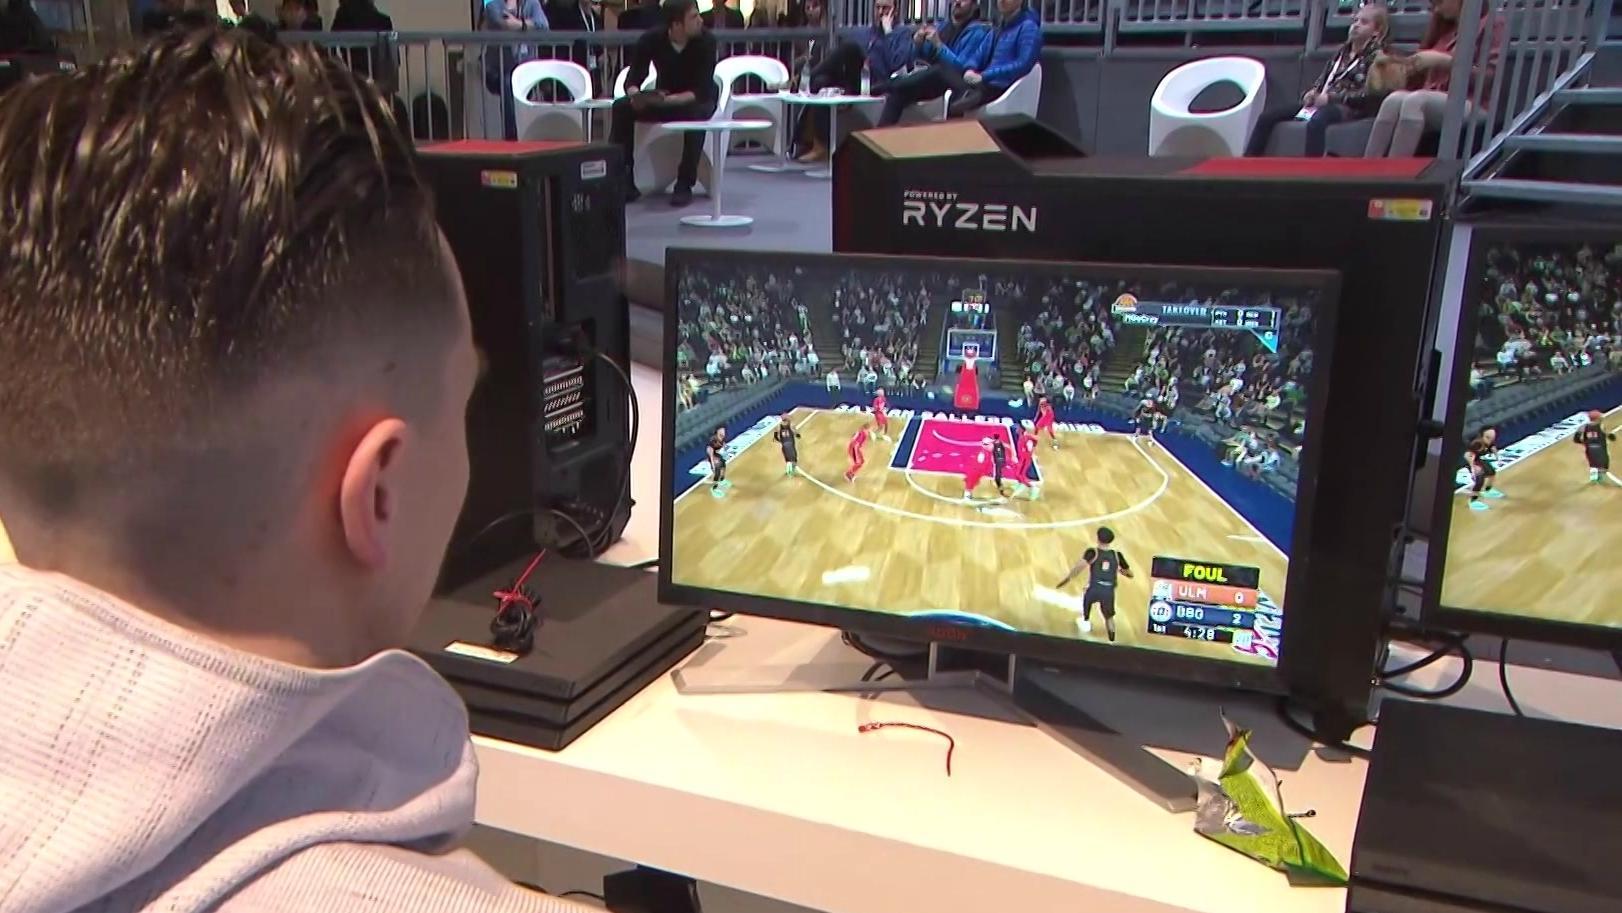 Mann spielt Videospiel NBA 2K19